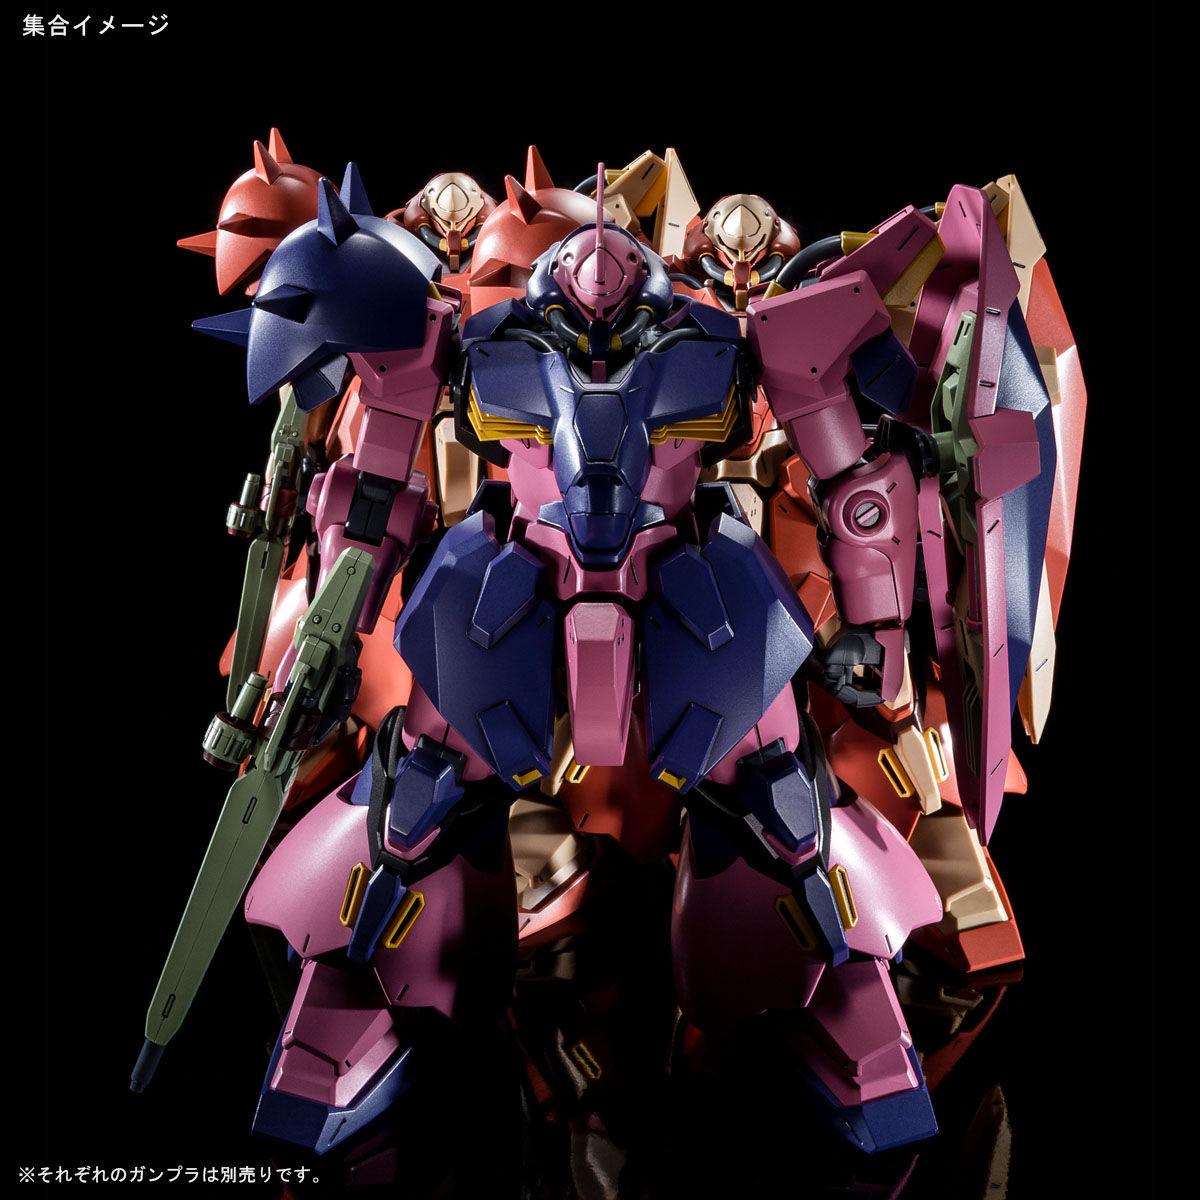 【限定販売】HG 1/144『メッサーF02型』機動戦士ガンダム 閃光のハサウェイ プラモデル-015